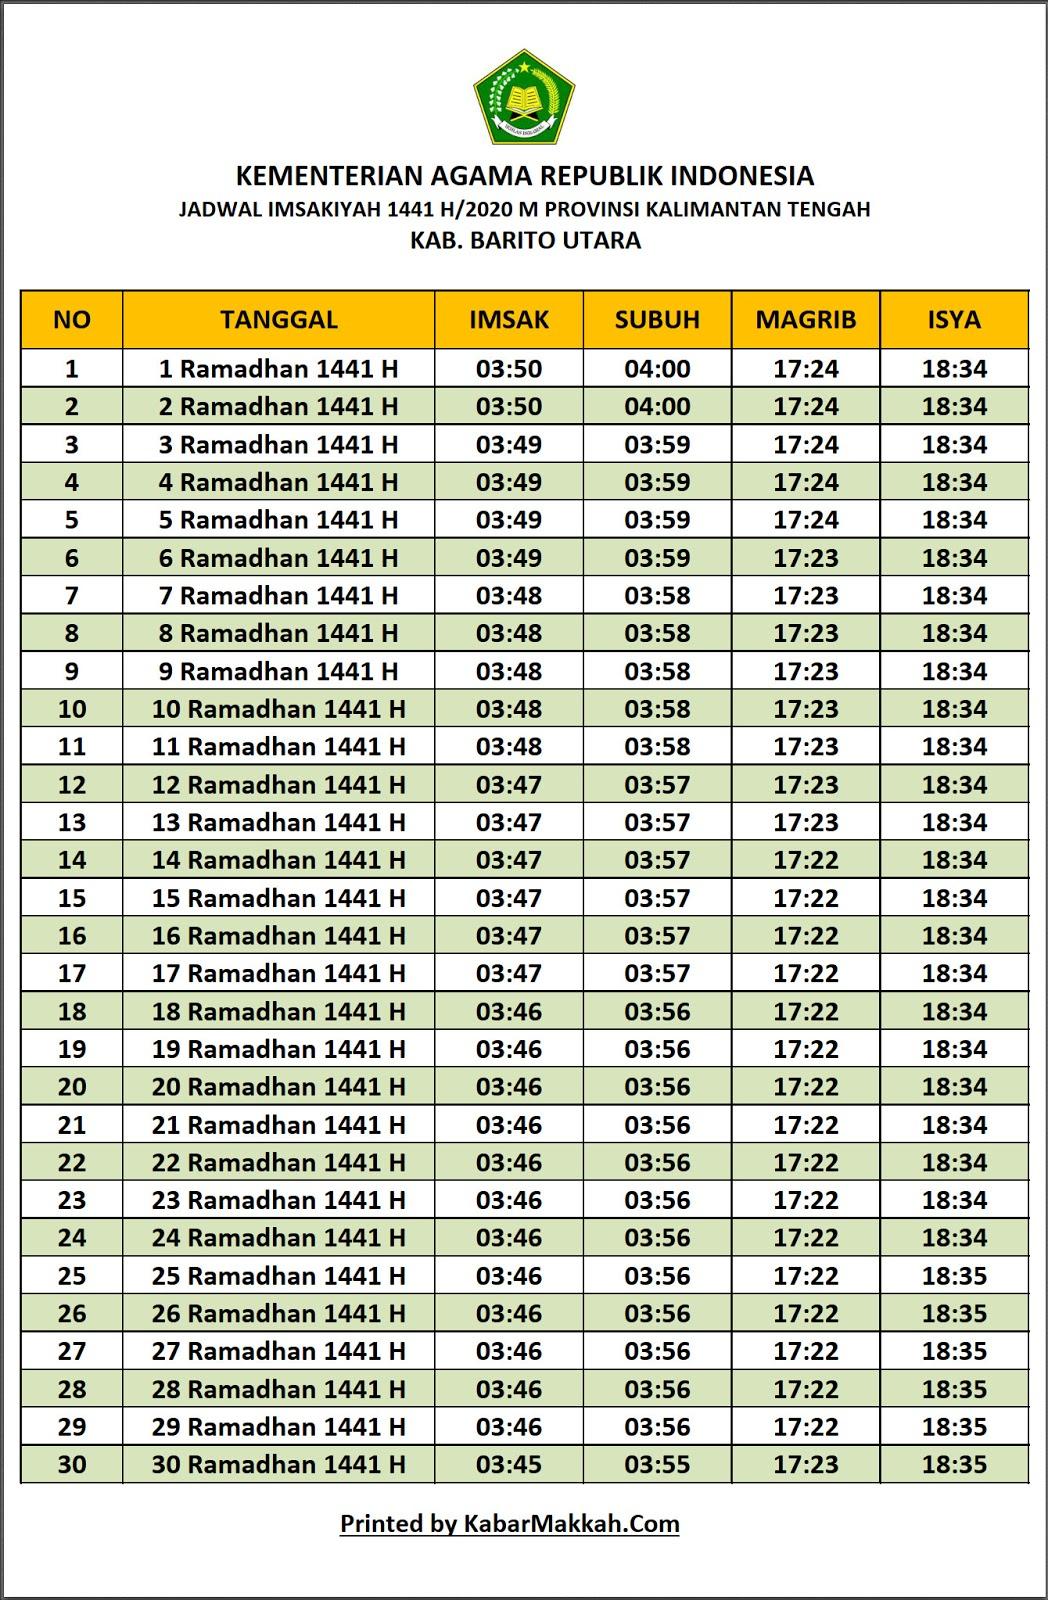 Jadwal Imsakiyah Barito Utara 2020